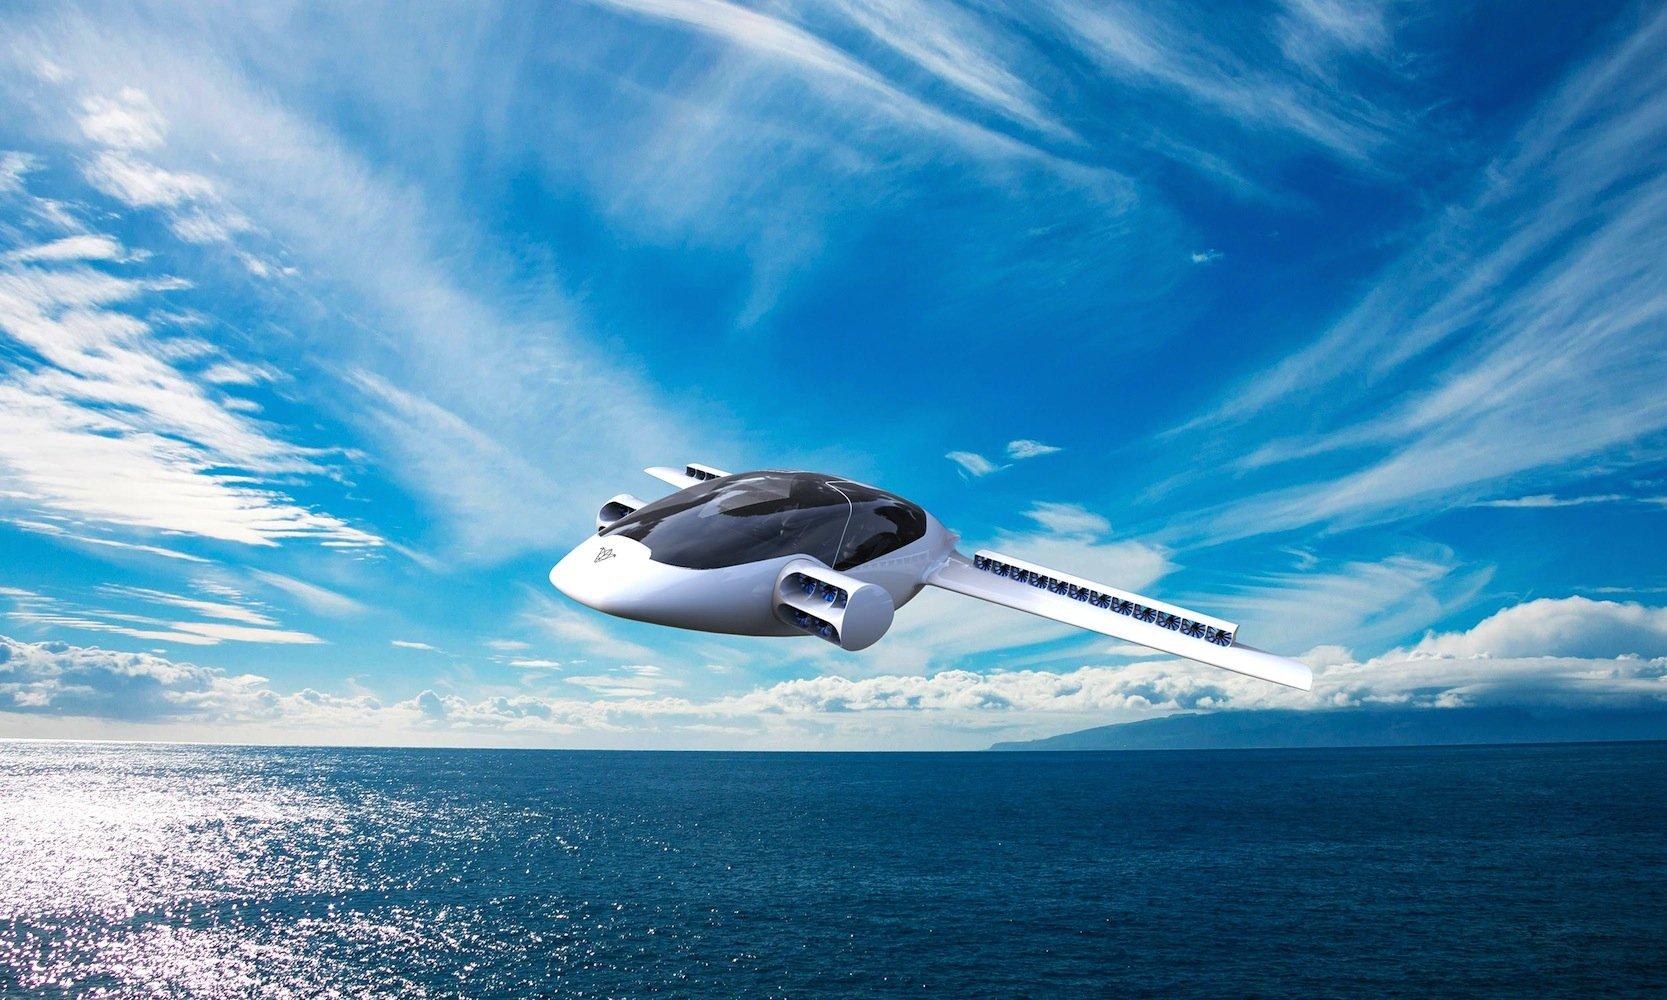 Auch über Meer können sich die Piloten des Lilium-Jets trauen: Die Reichweite des fliegenden Autos soll bei 500 km liegen.